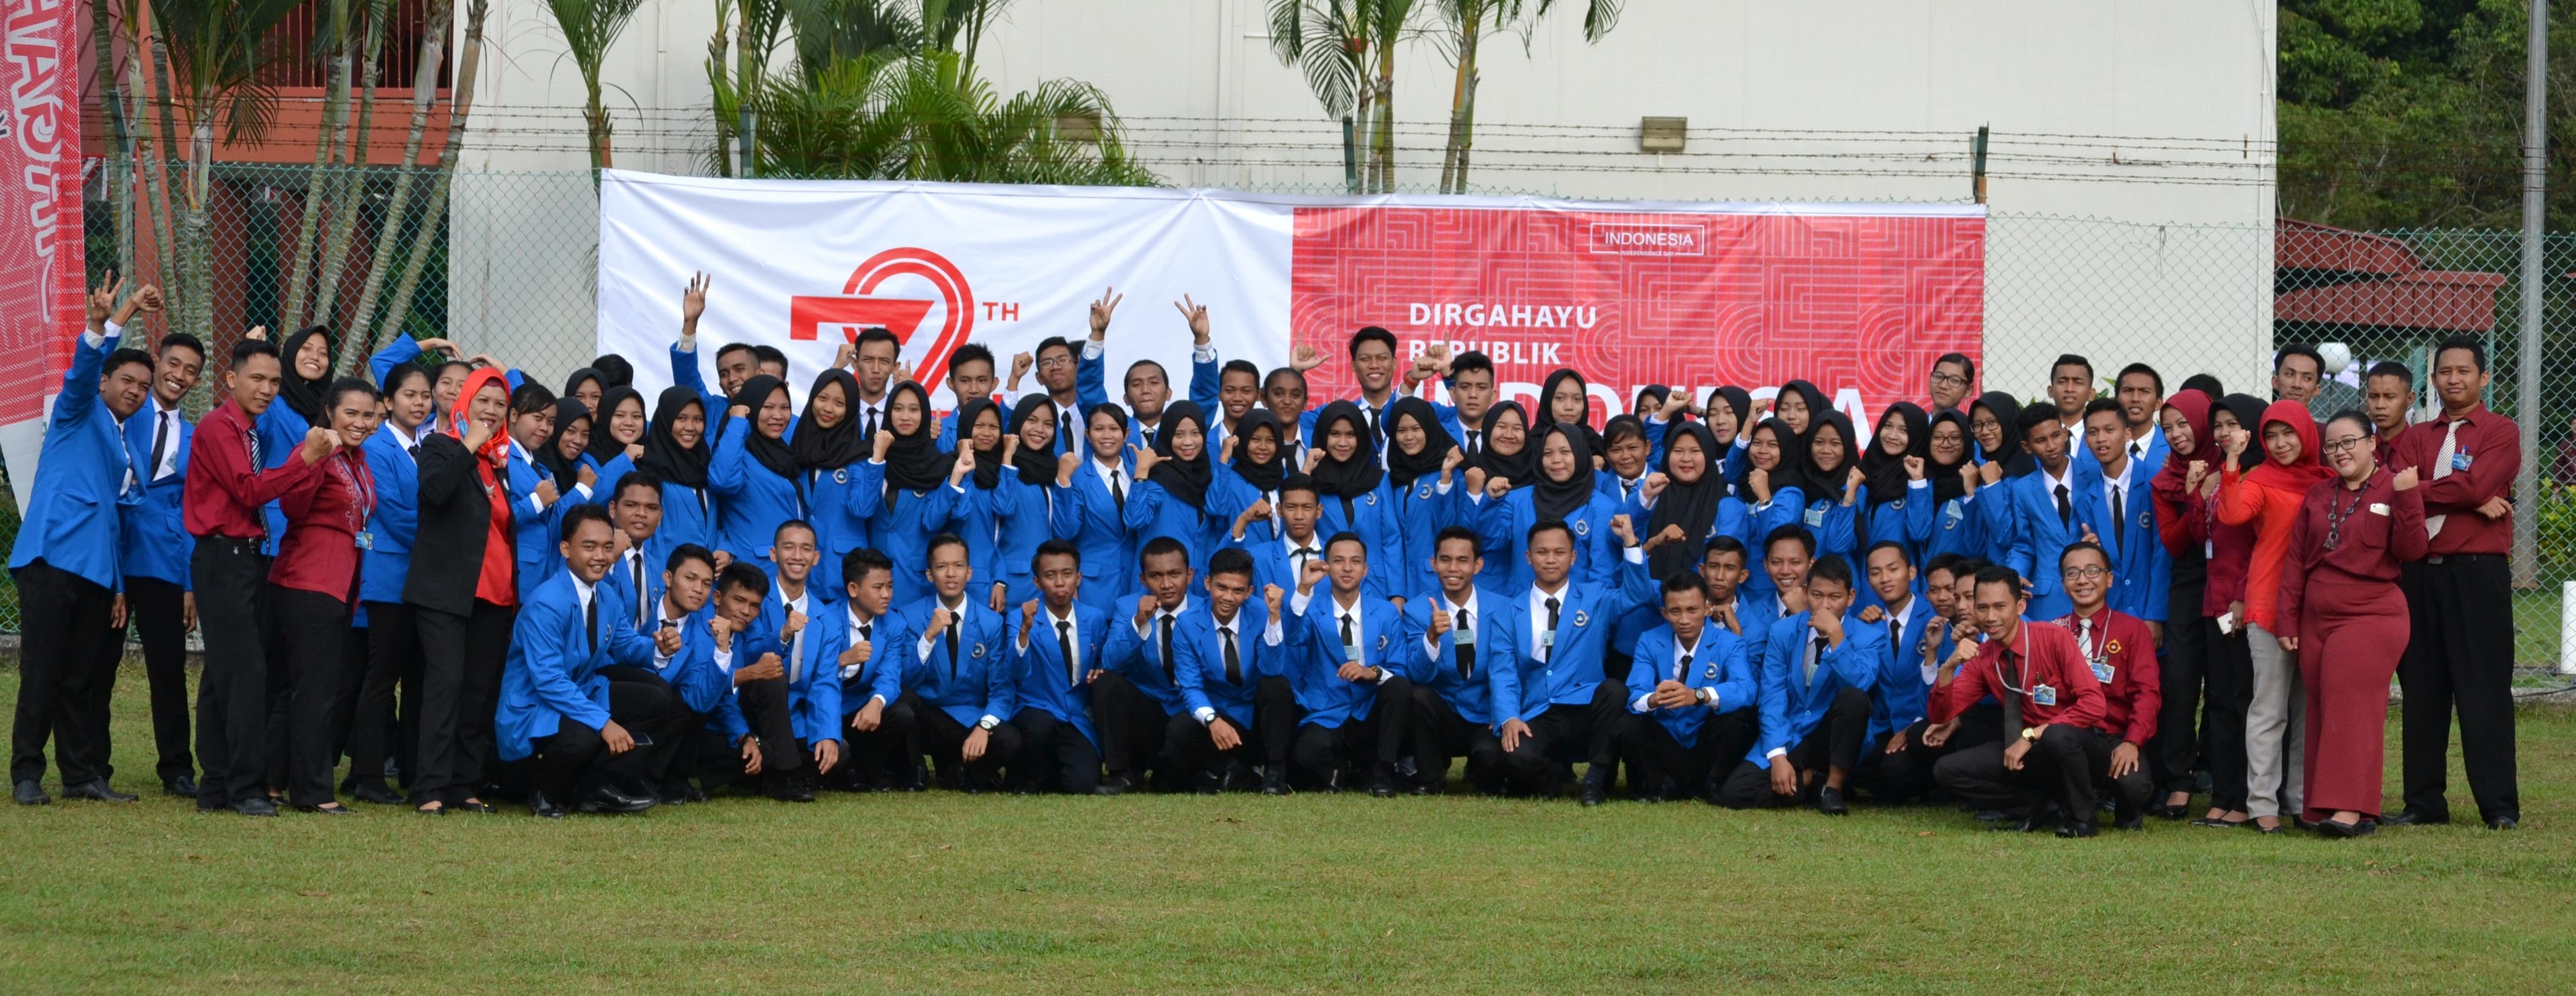 Pendaftaran Mahasiswa Baru SBTI Angkatan 21 di Lagoi